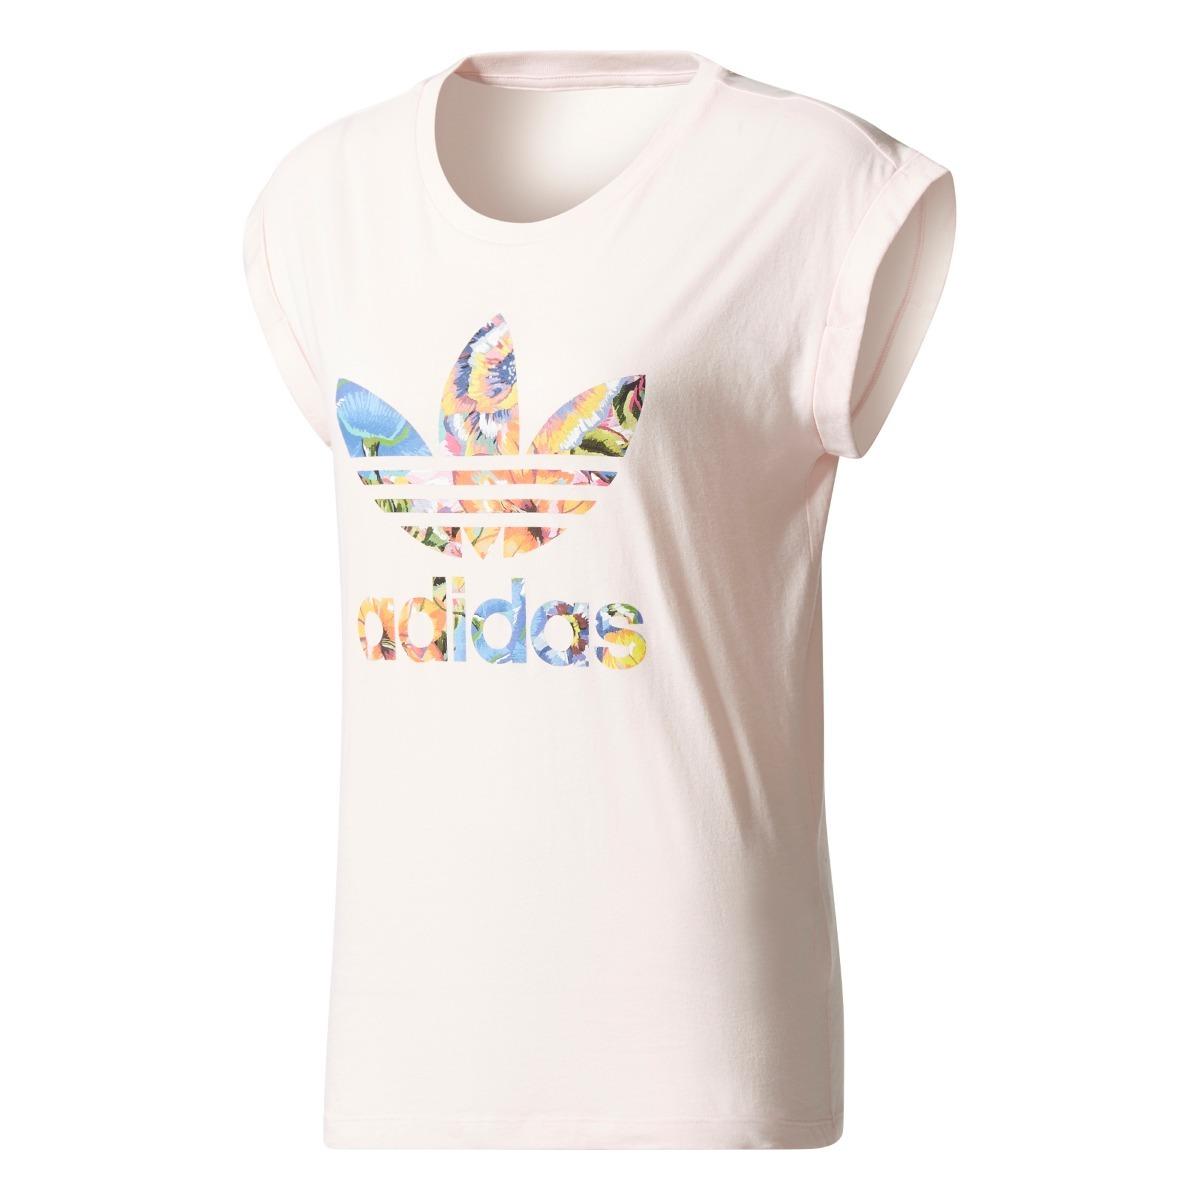 efb00b3e2a8 camiseta feminina adidas farm floralita - original. Carregando zoom.